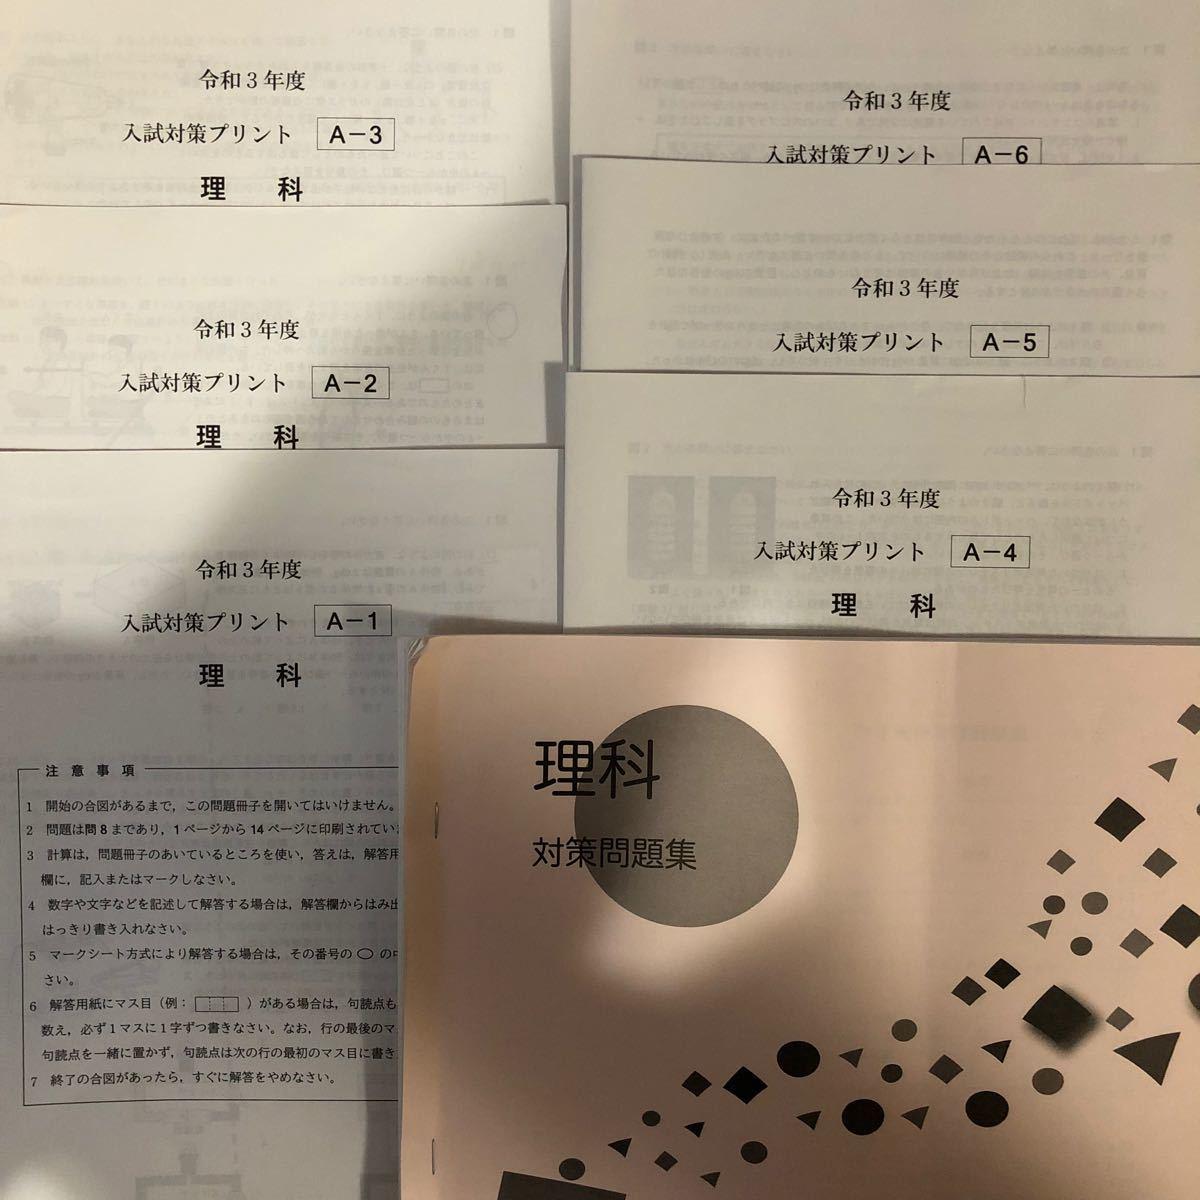 中学3年 社会 問題集 中学社会 テスト 入試